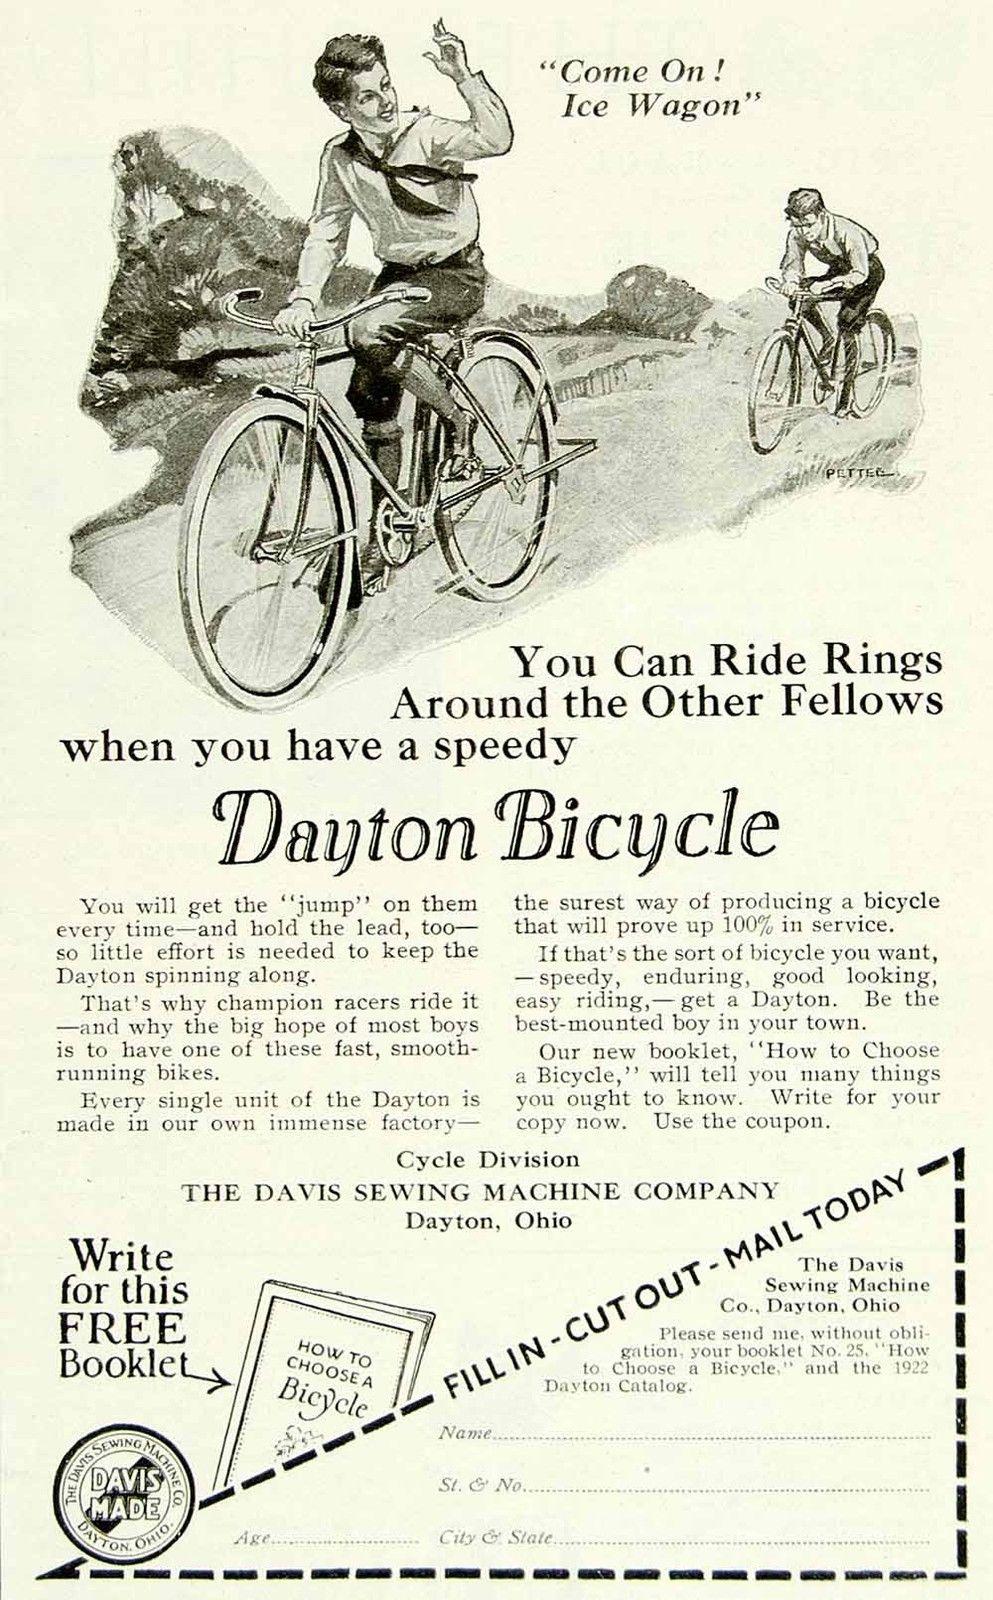 dayton bicycle